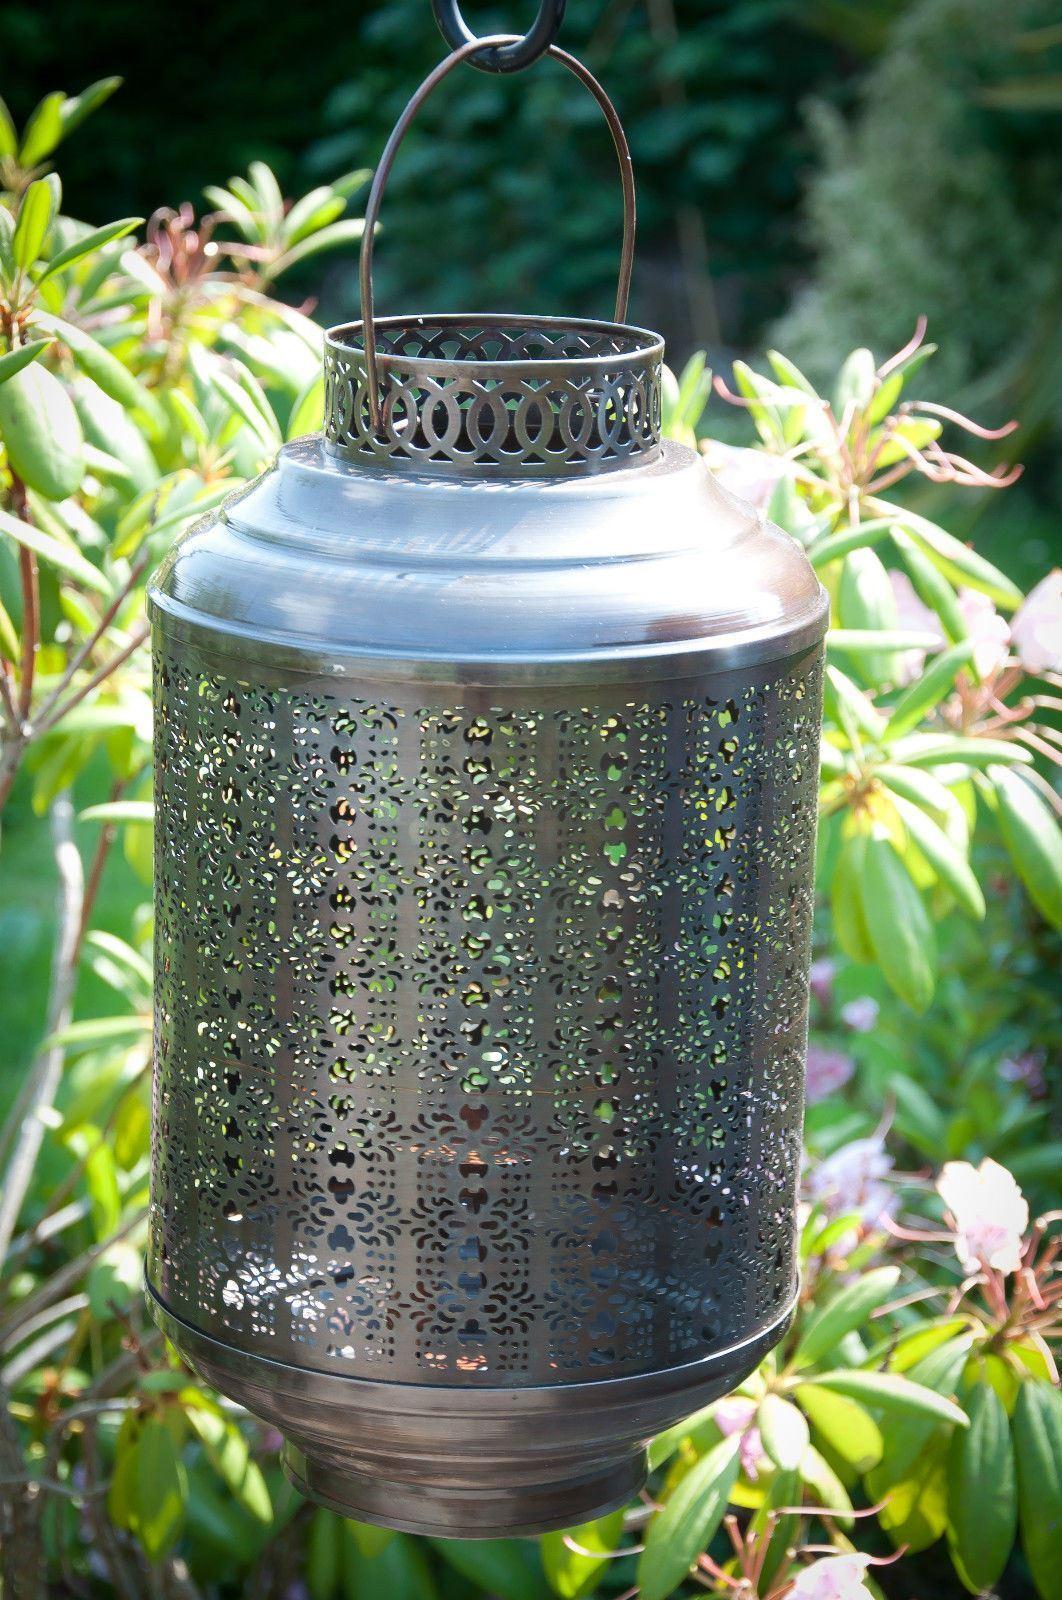 Linterna de jardín grabado ReCochegado sostenedor de vela-perfecto para el hogar o jardín